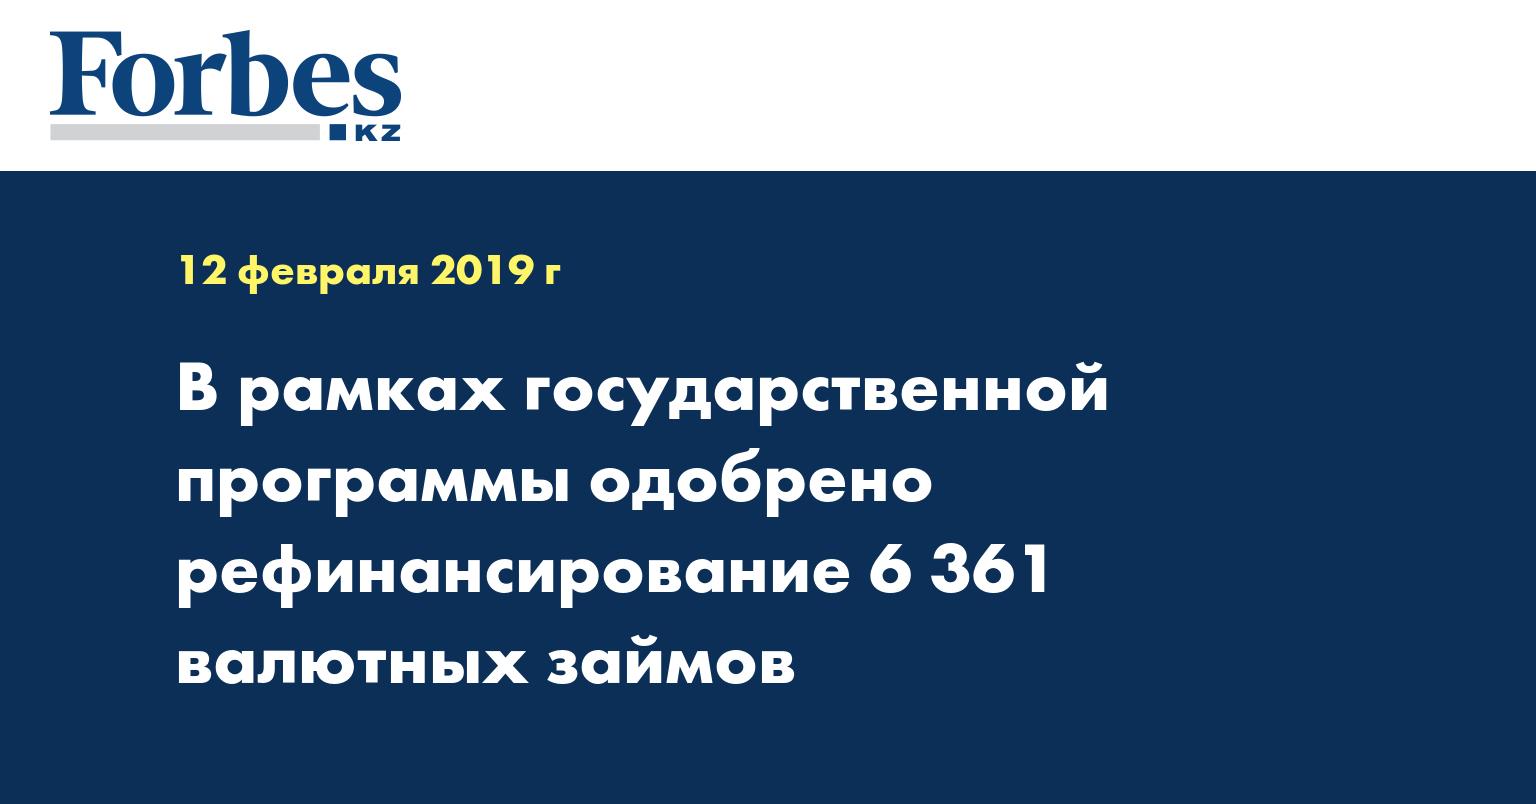 В рамках государственной программы одобрено рефинансирование 6 361 валютных займов